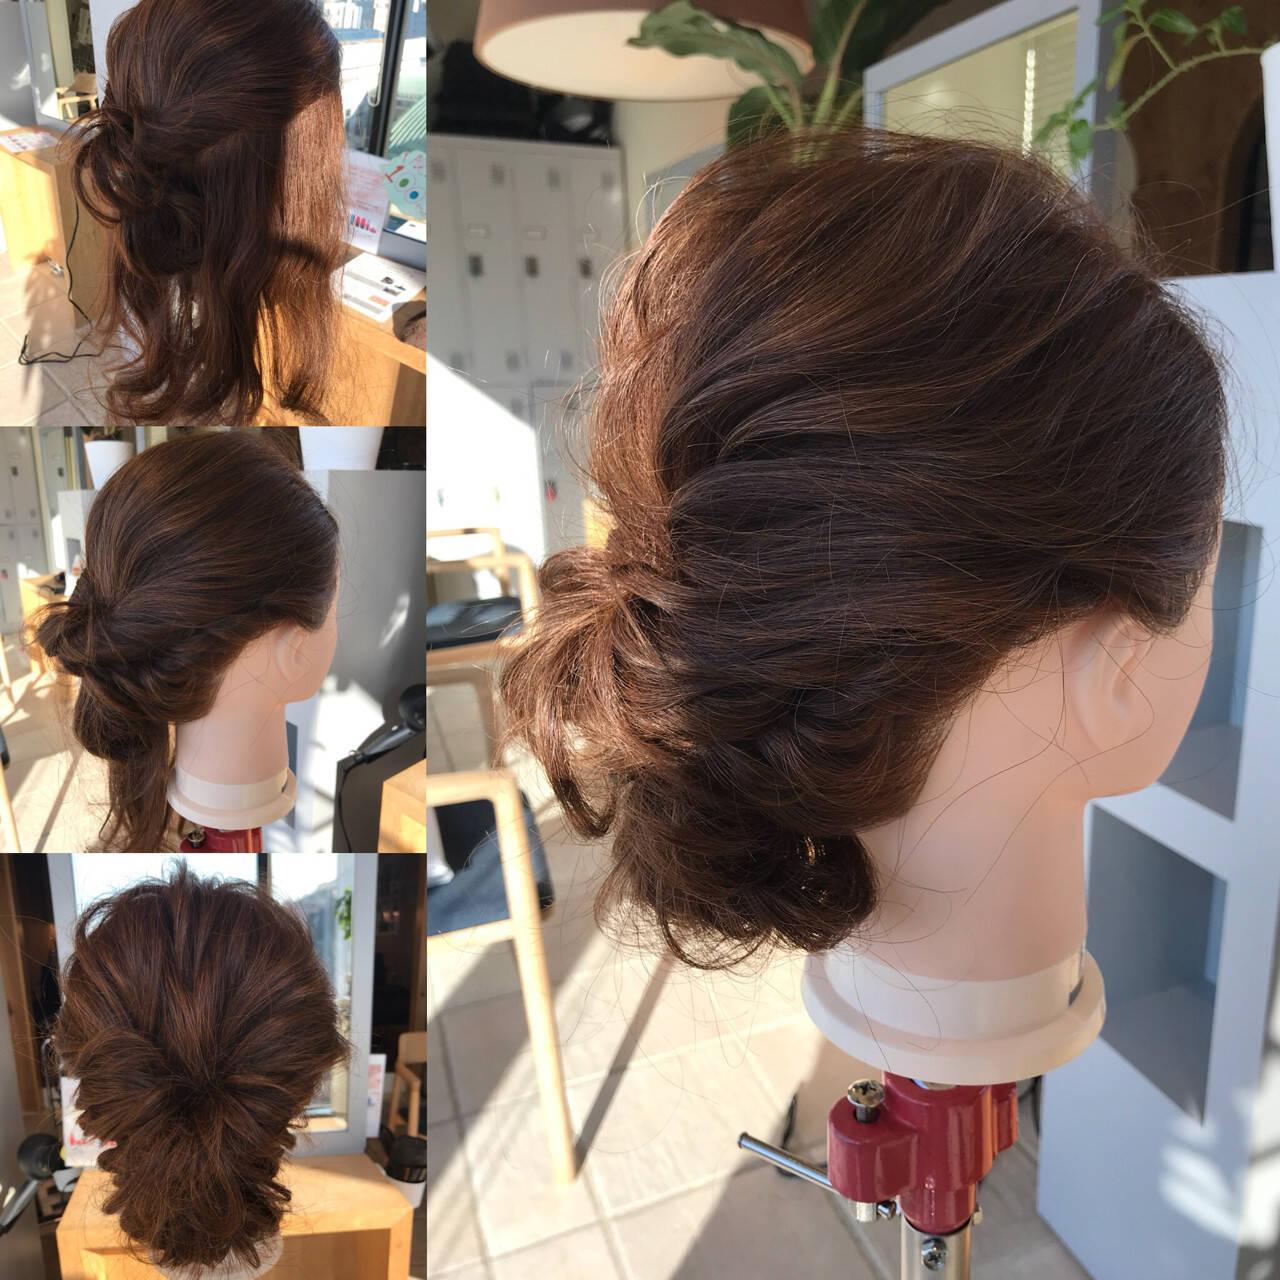 ヘアアレンジ ナチュラル ロープ編み ロングヘアスタイルや髪型の写真・画像